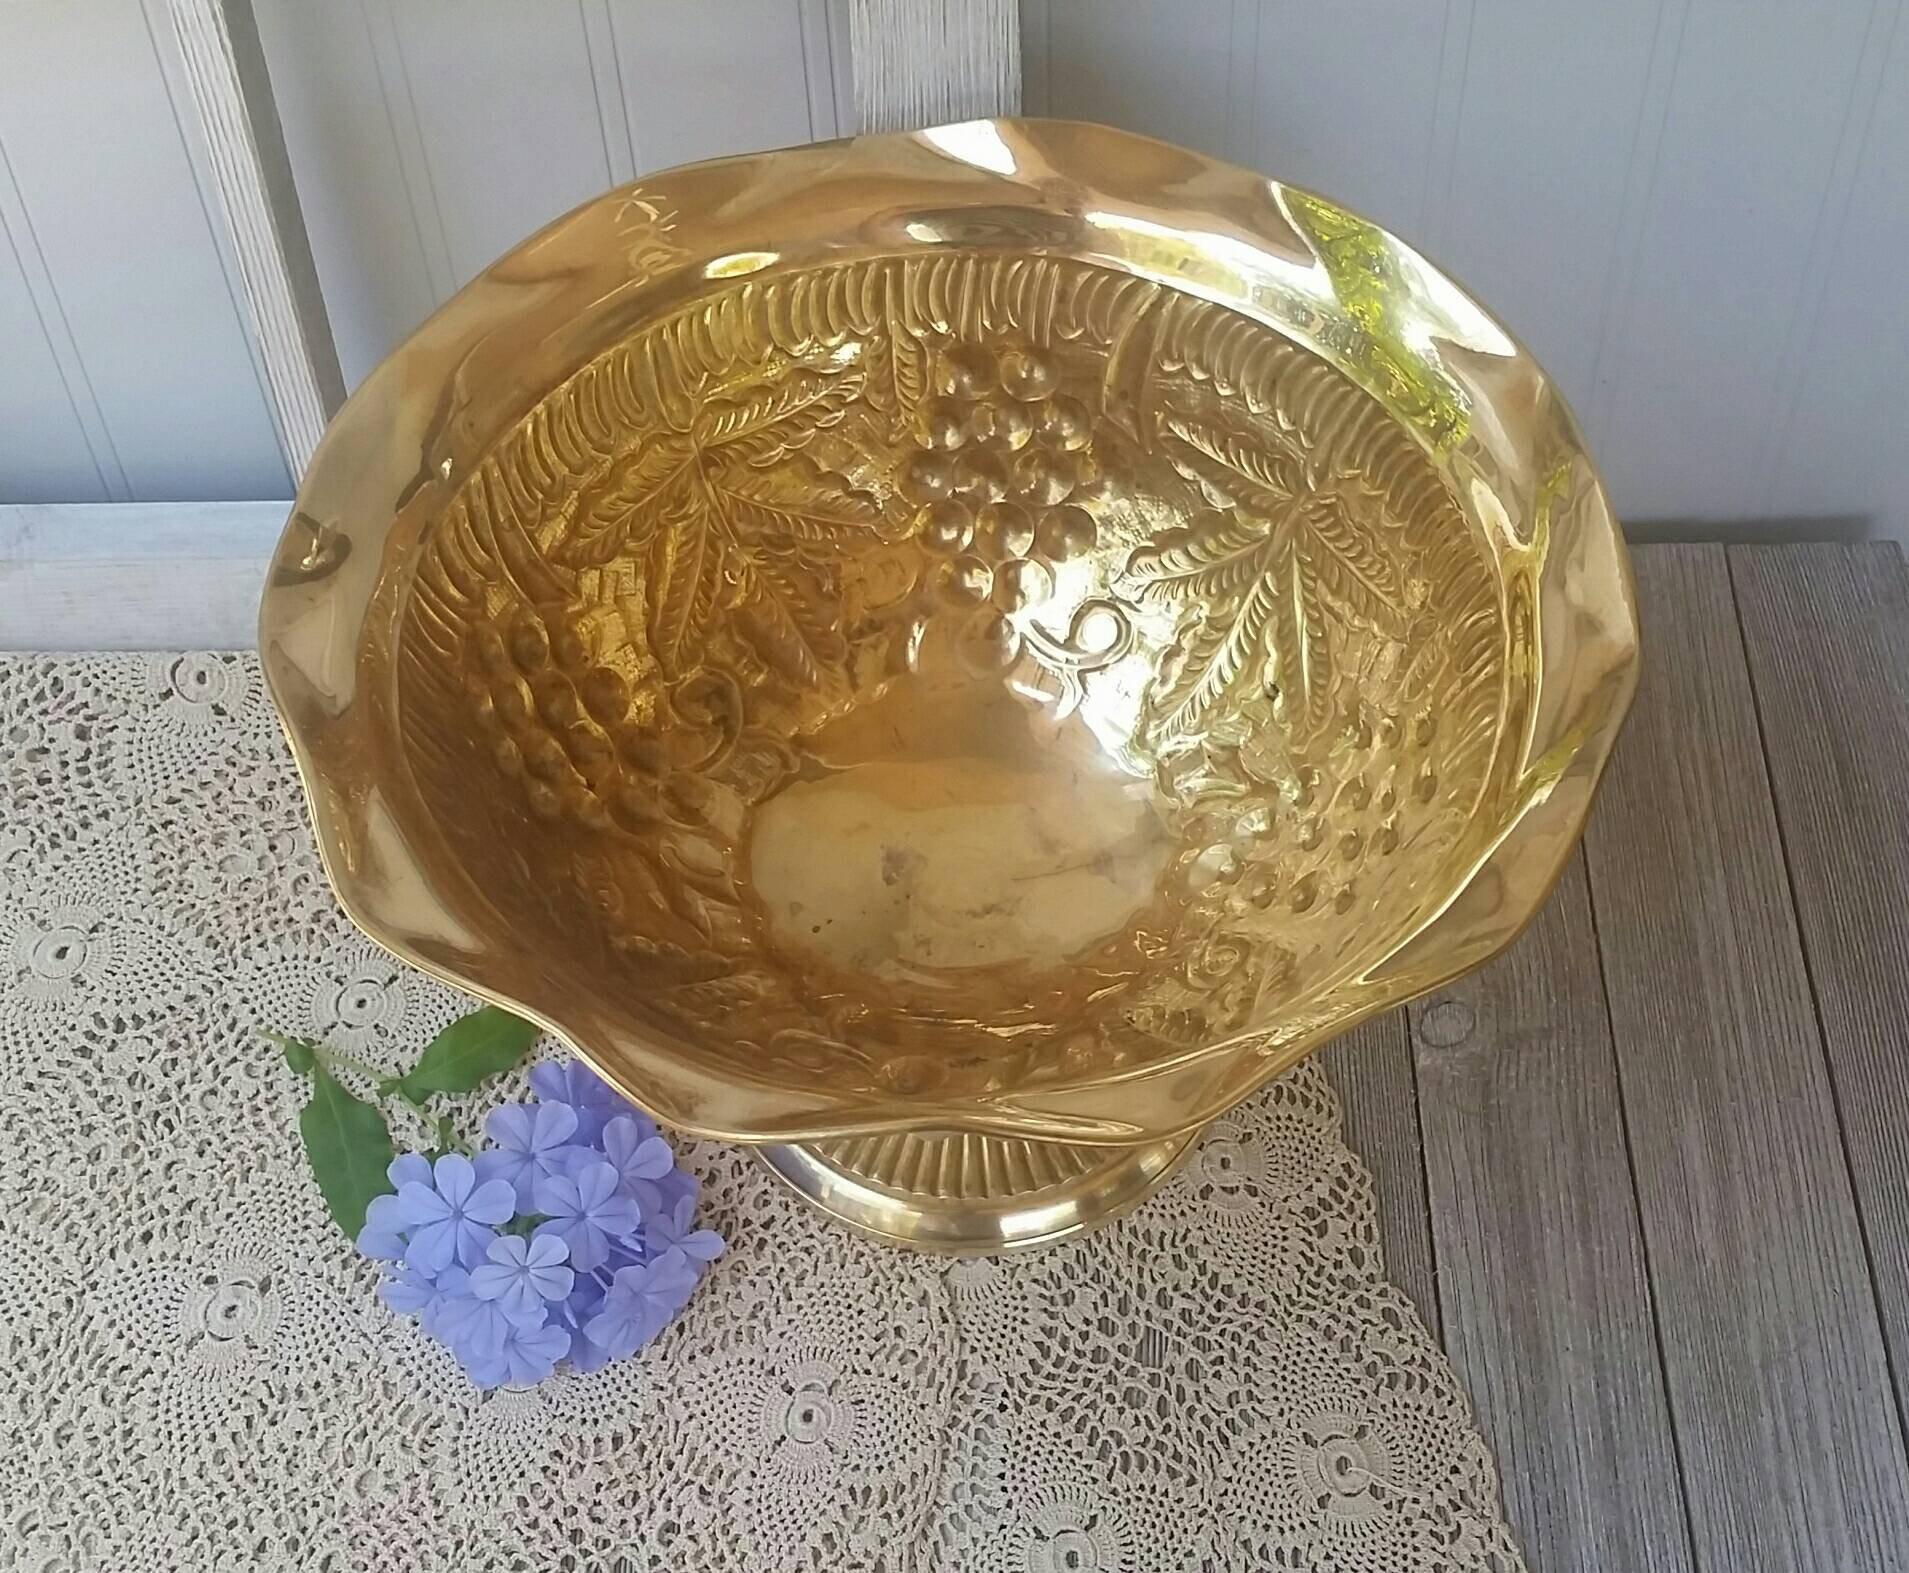 brass bud vase india of large vintage brass pedestal bowl wedding flower vase etsy for image 2